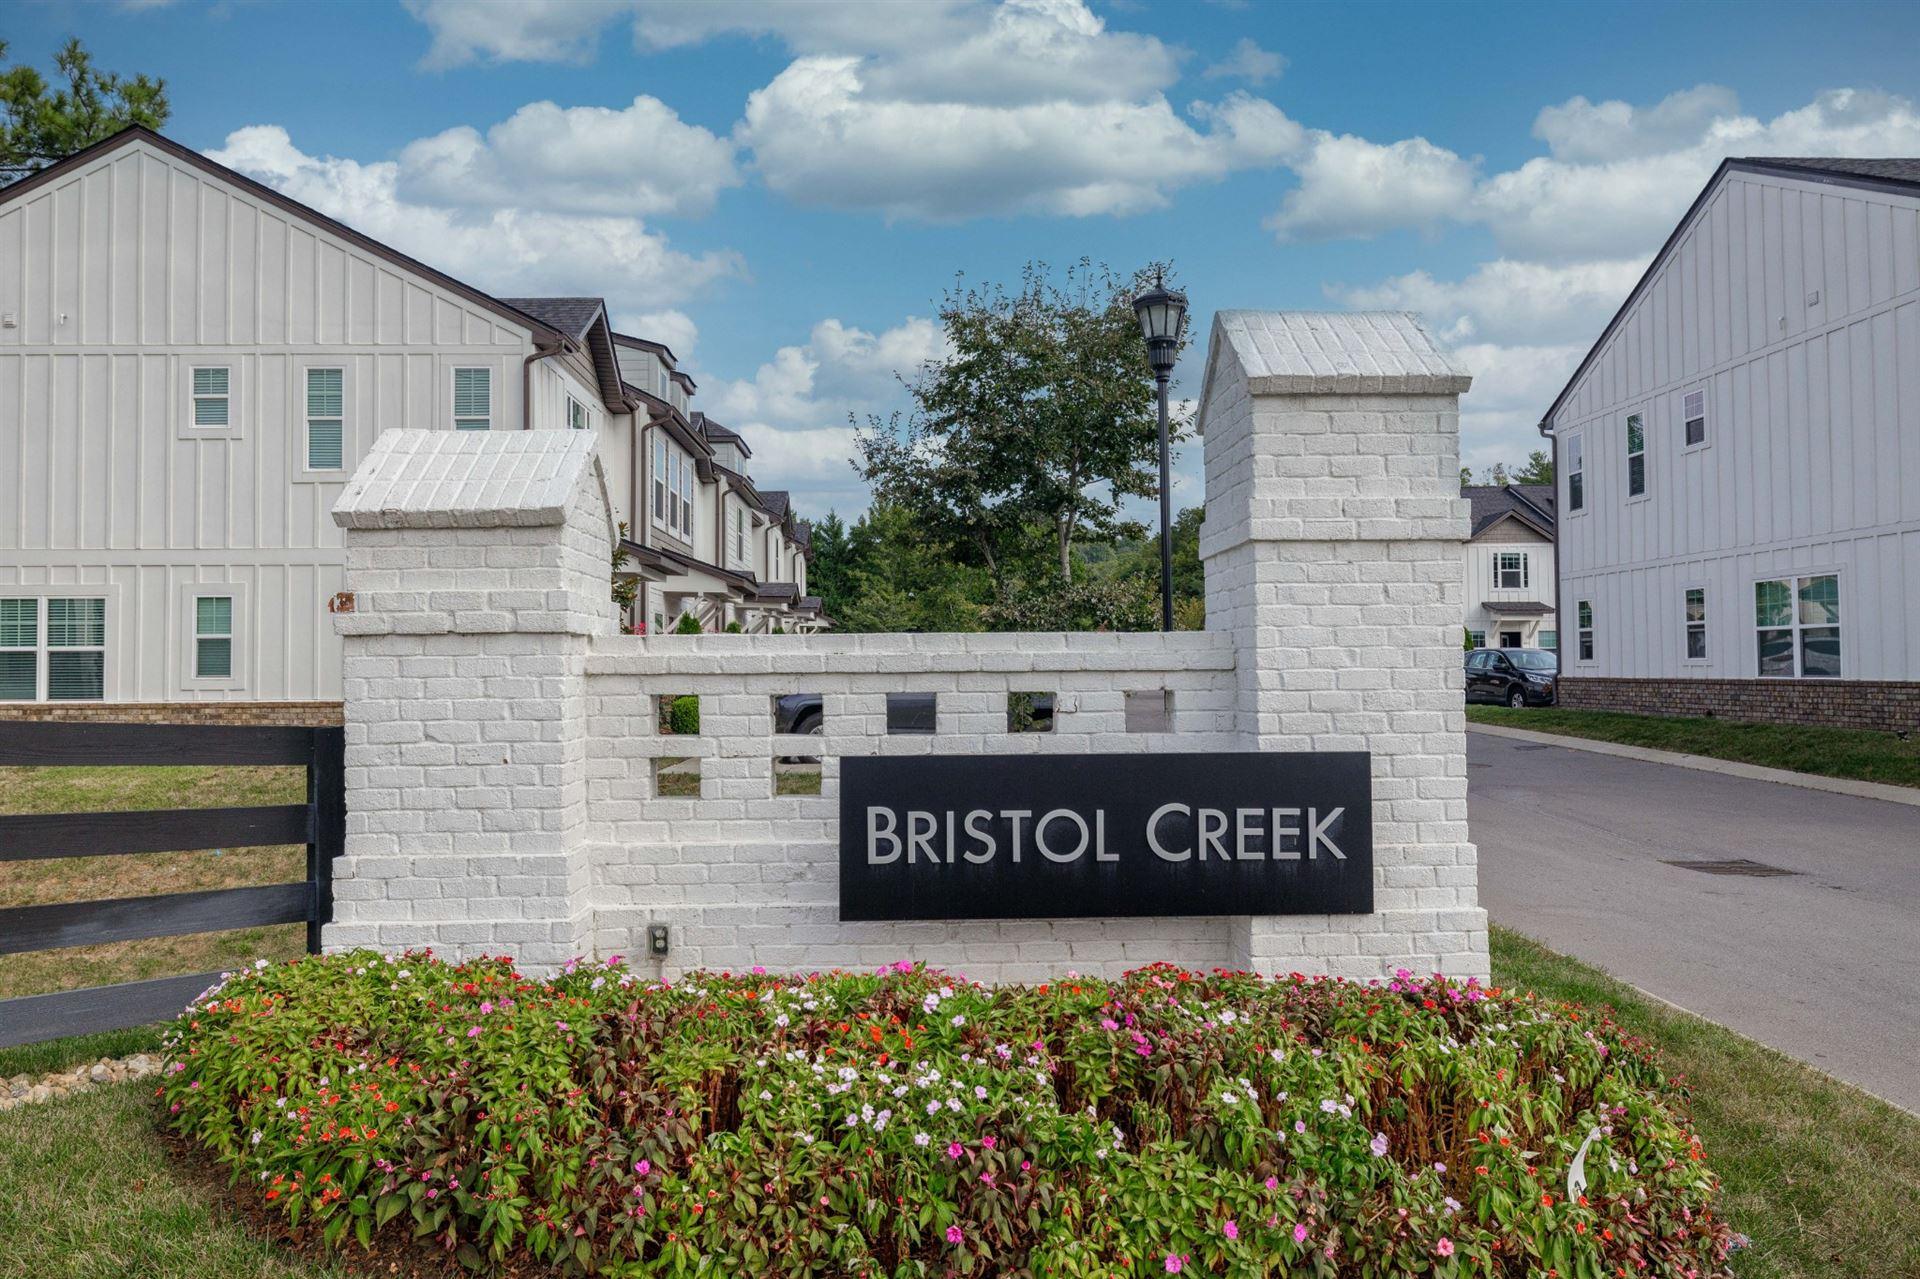 637 Bristol Creek Dr #637, Nashville, TN 37221 - MLS#: 2188798